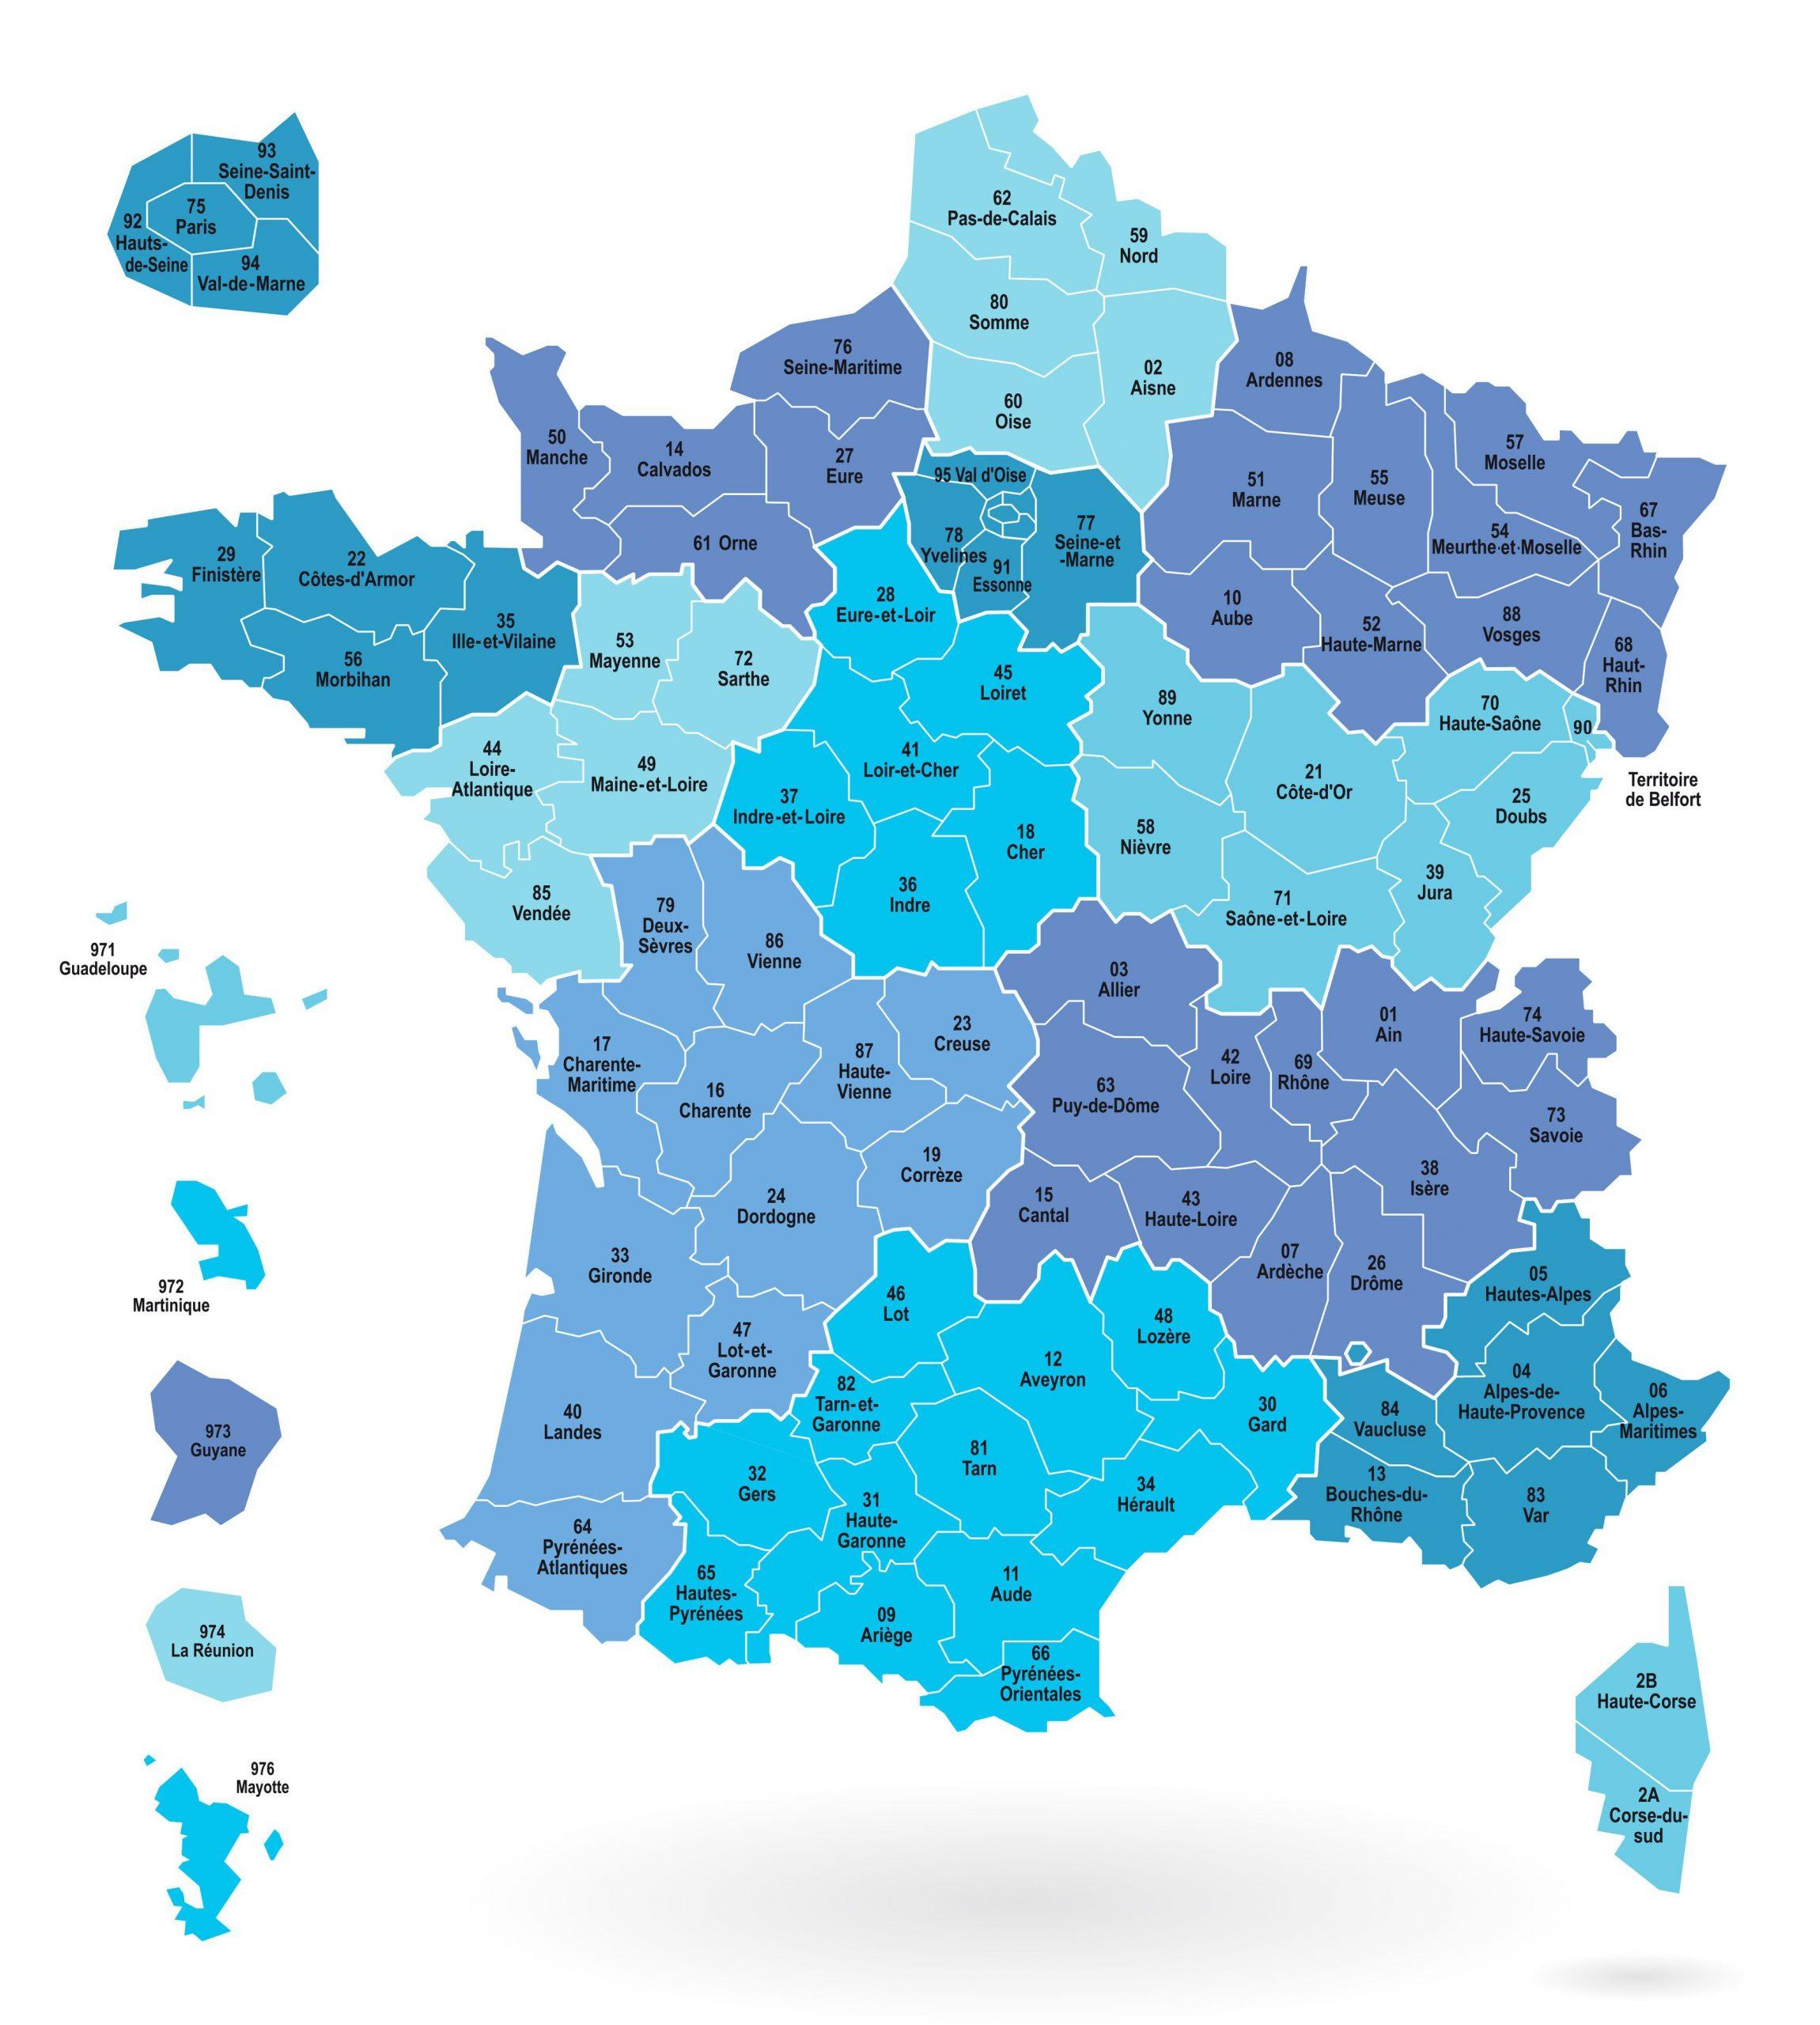 Cartes Des Départements Et Régions De La France - Cartes De concernant Carte De France Par Régions Et Départements